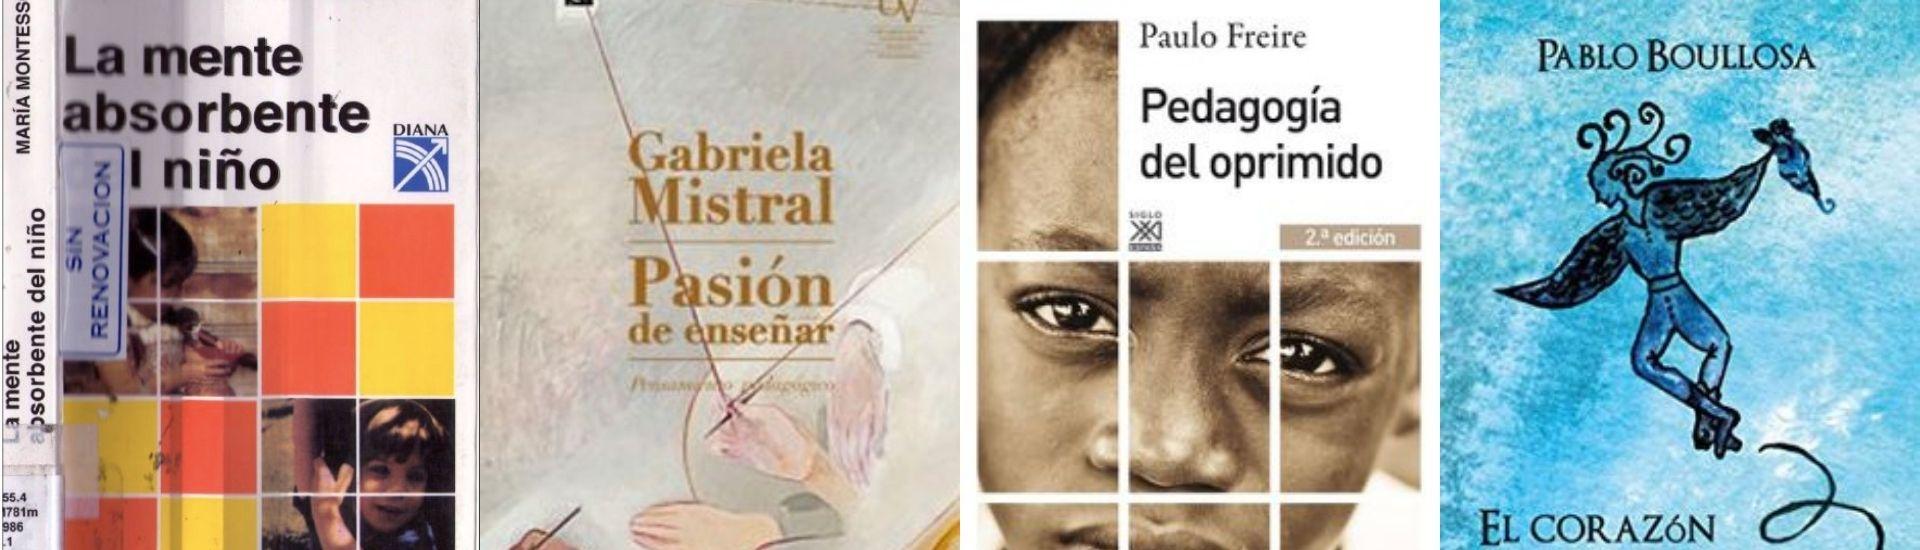 Fotografías de 4 portadas de libros recomendados para profesores, de autores como Paulo Freire y Gabriela Mistral